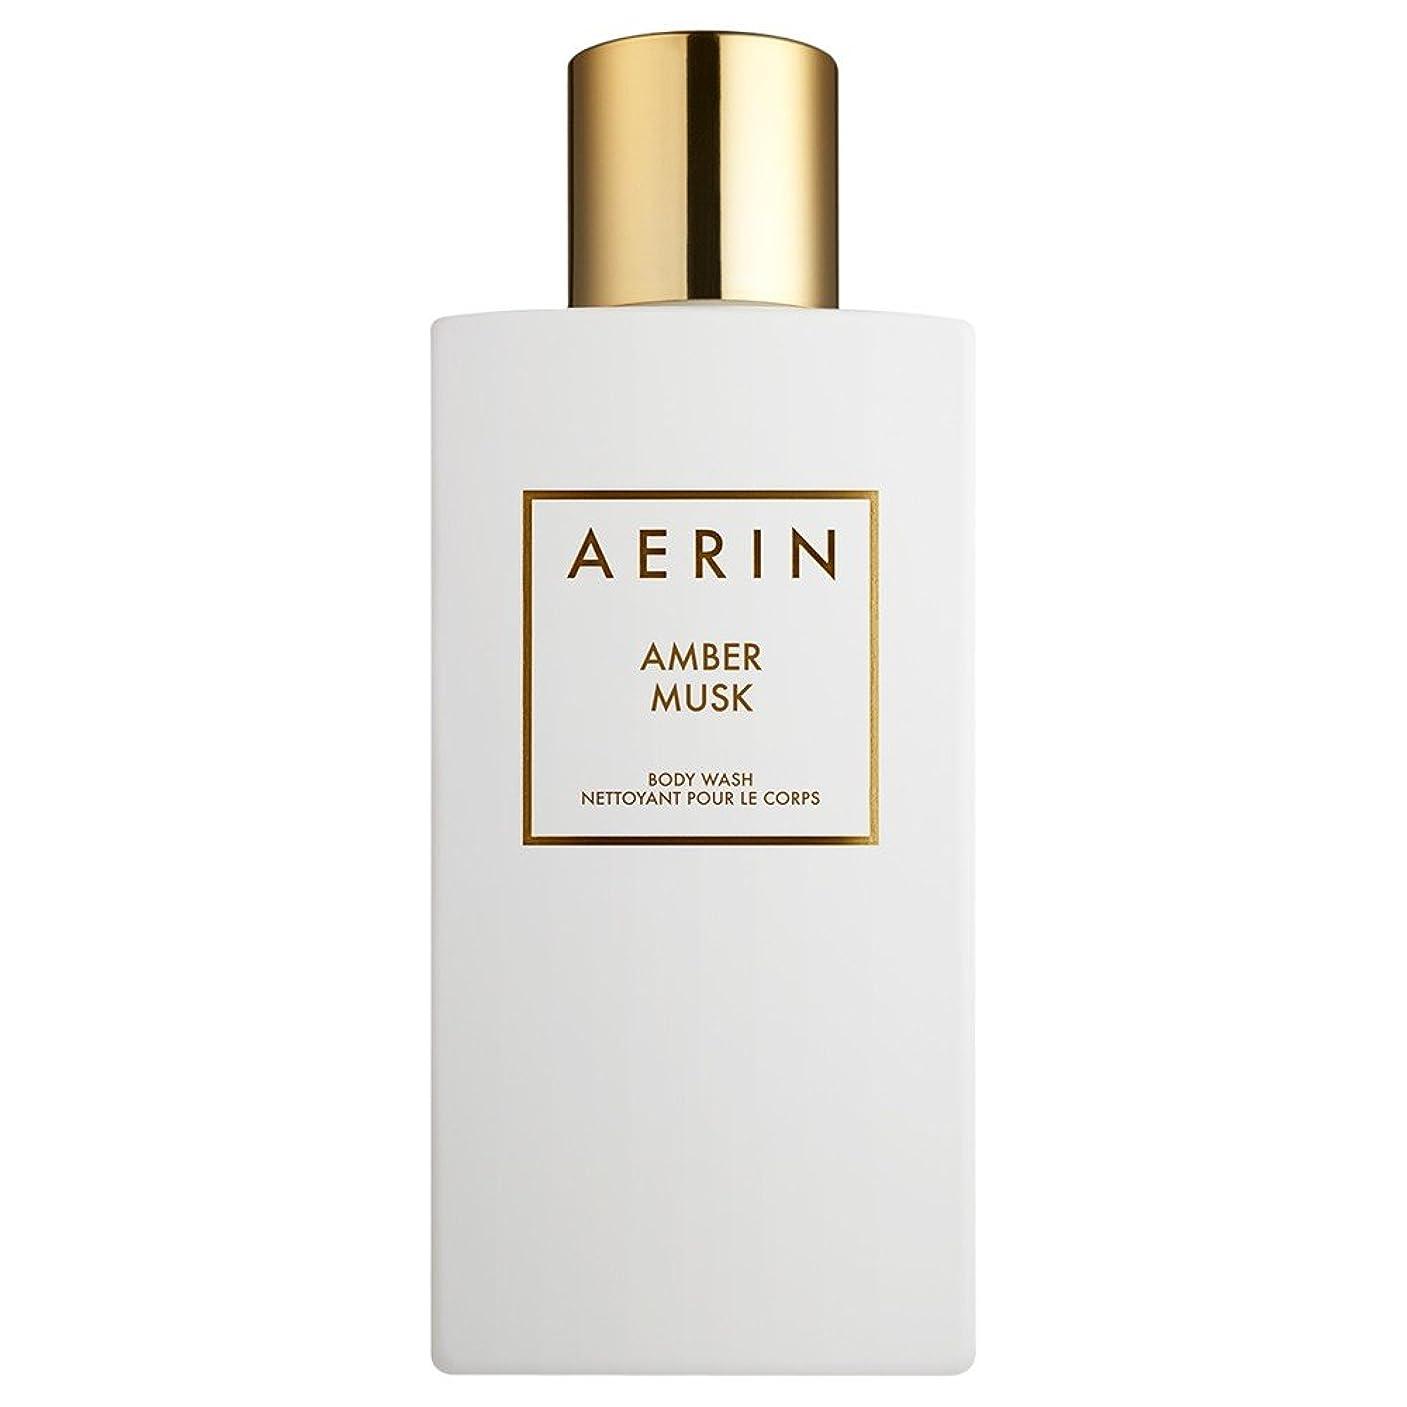 トランク吐くピーブAerinアンバームスクボディウォッシュ225ミリリットル (AERIN) - AERIN Amber Musk Bodywash 225ml [並行輸入品]